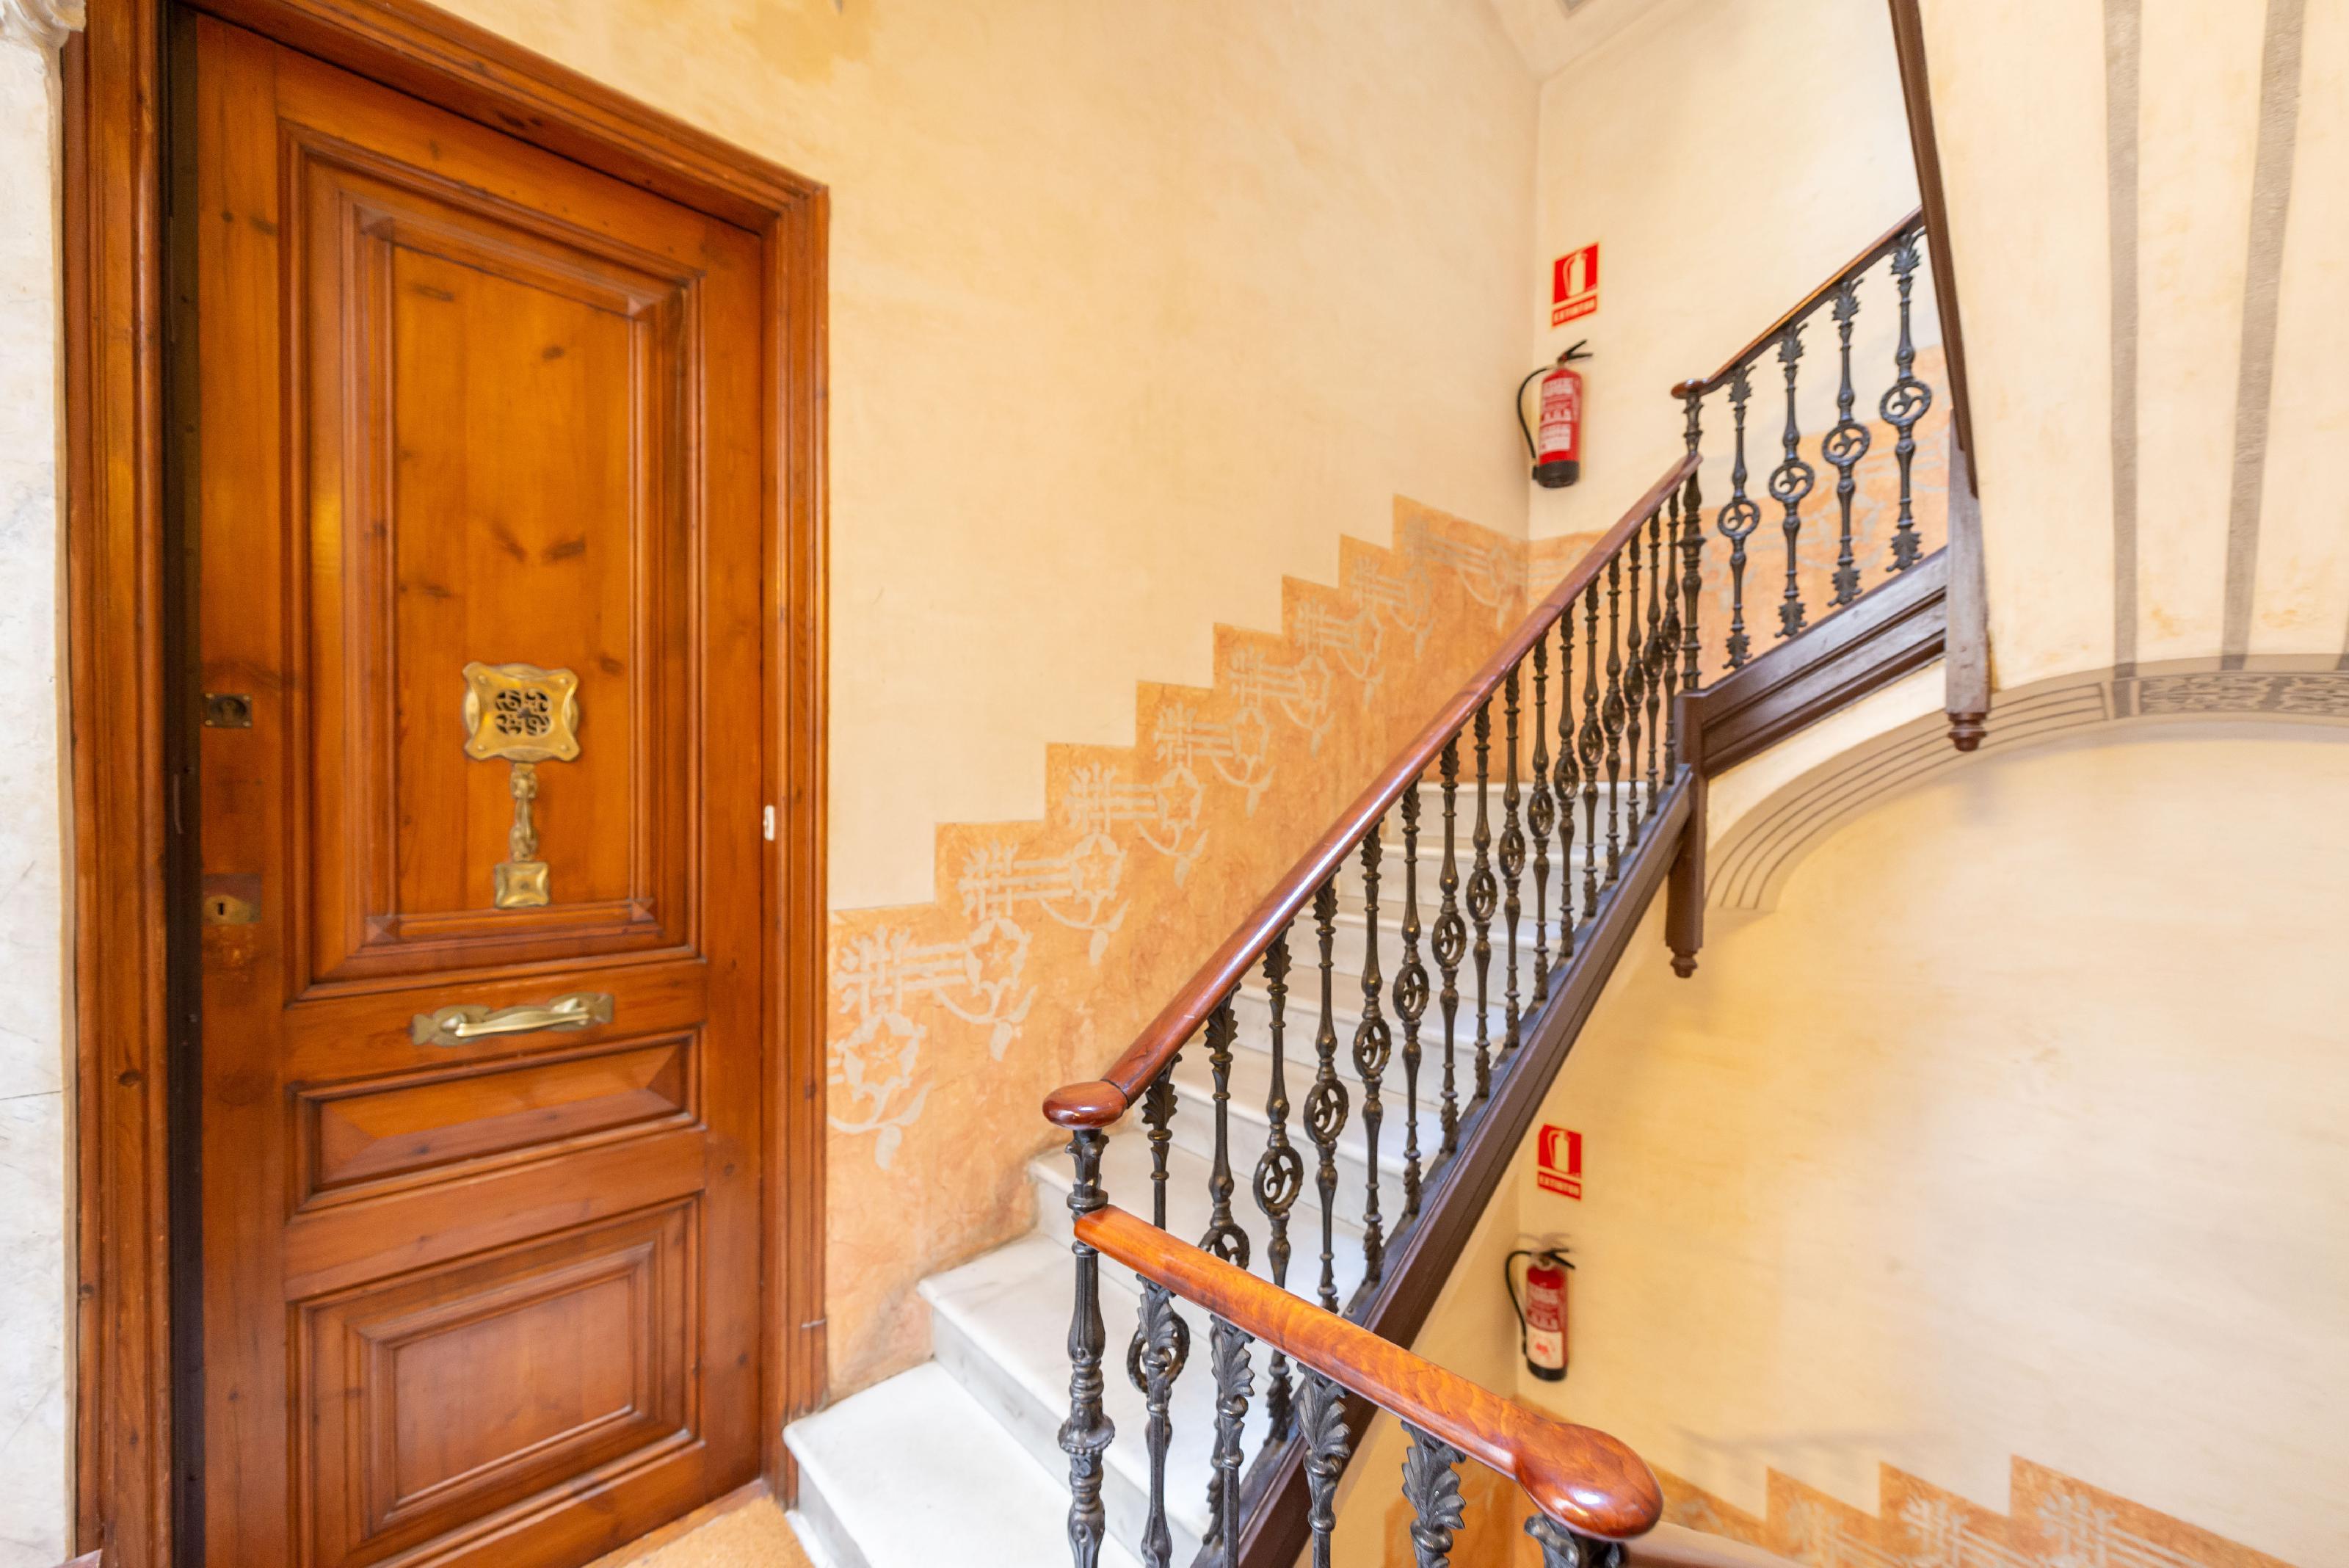 250032 Flat for sale in Eixample, Antiga Esquerre Eixample 28